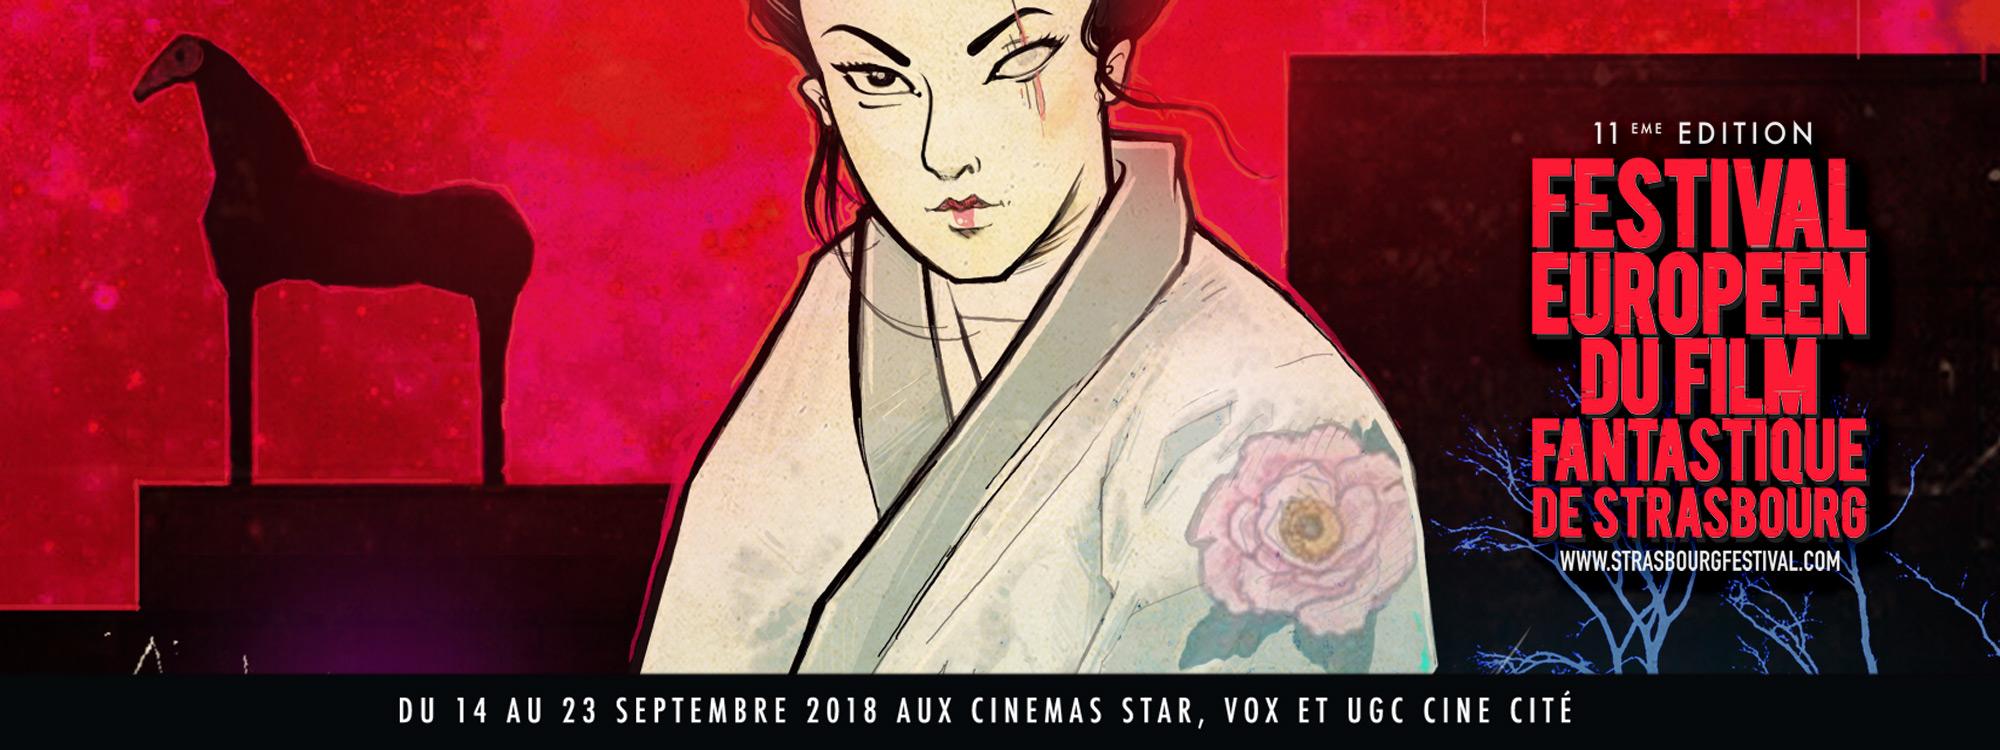 Festival Européen du Film Fantastique de Strasbourg Edition 2018